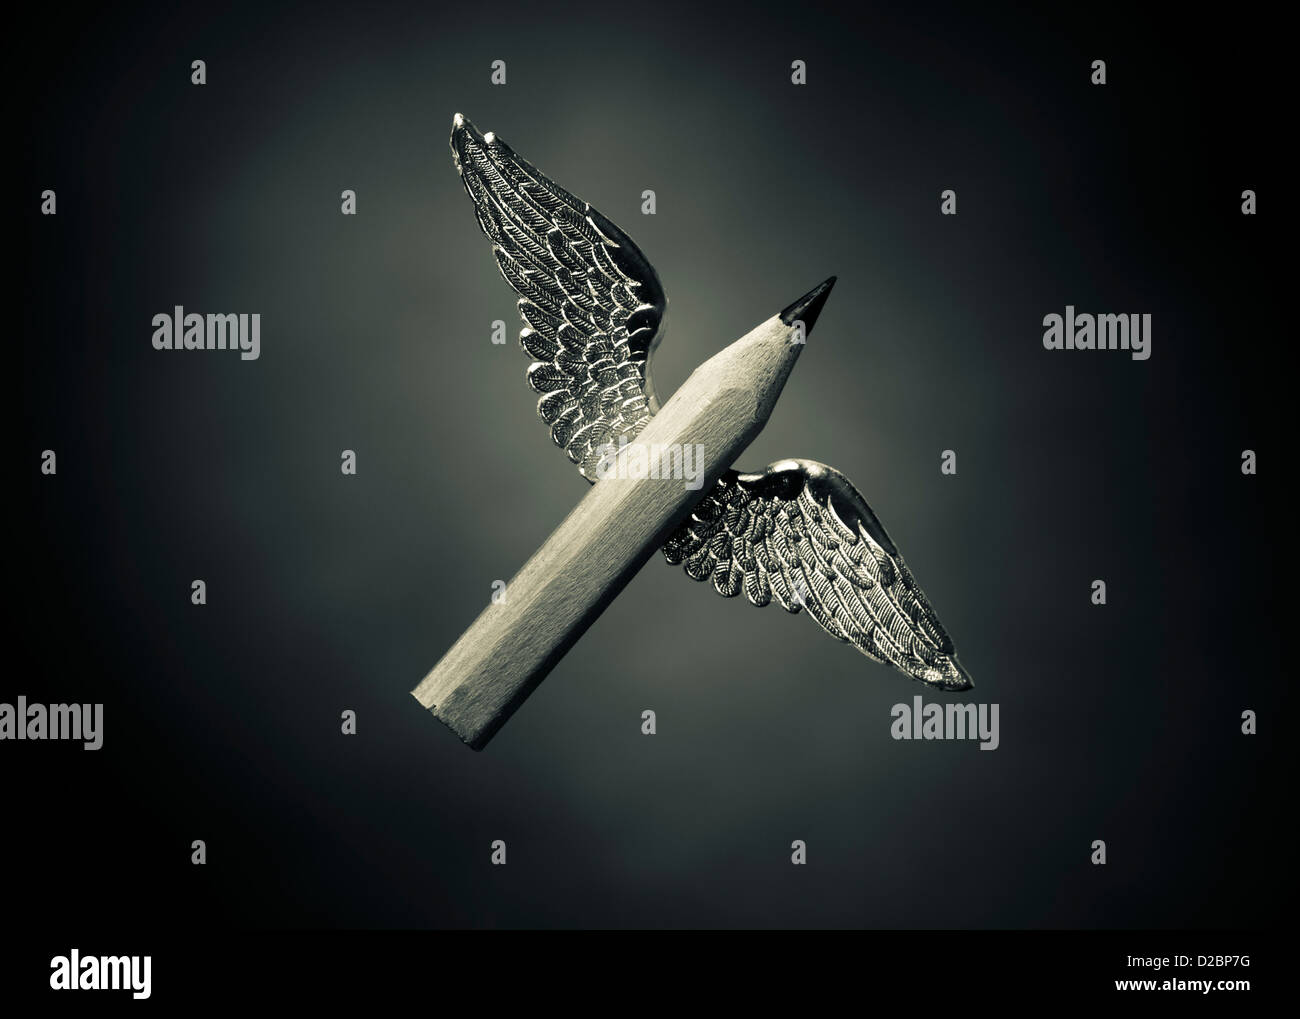 Winged parole - Concetto di scrittura creativa. Un breve matita con le ali. Immagini Stock